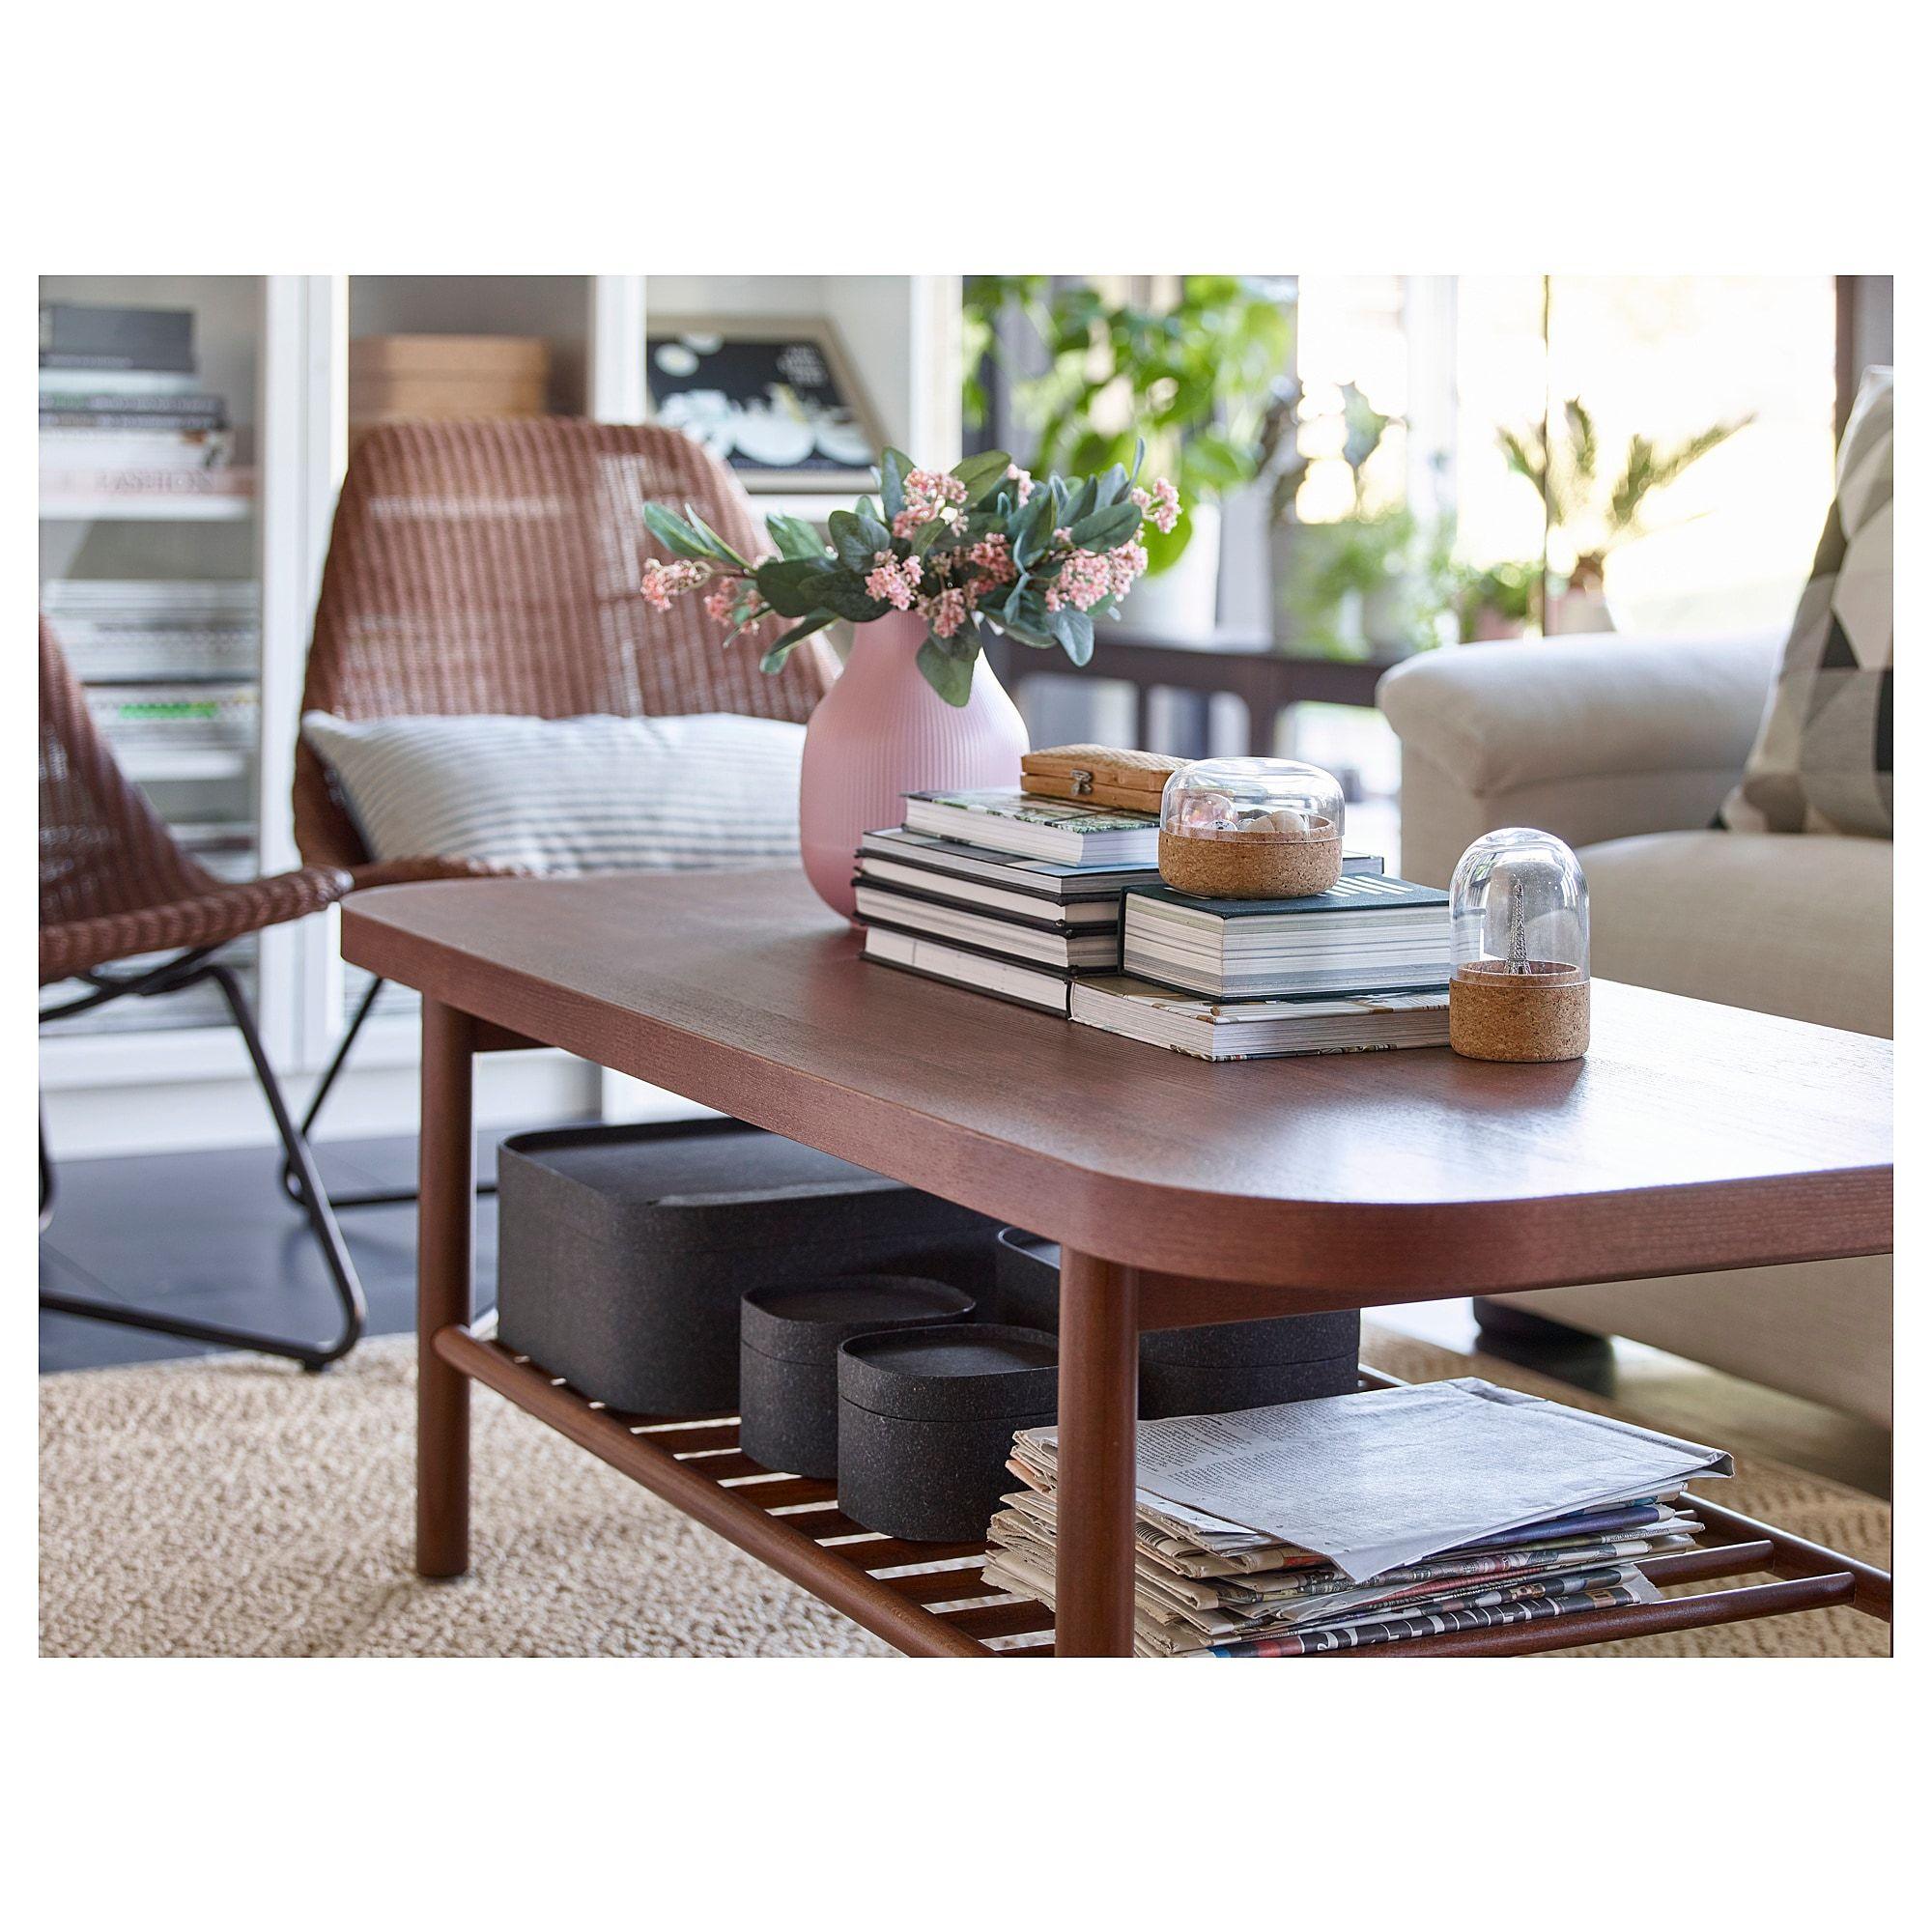 Listerby Coffee Table Brown 55 1 8x23 5 8 Ikea Mesas De Cafe Interior De La Casa Mesa De Diseno [ 2000 x 2000 Pixel ]